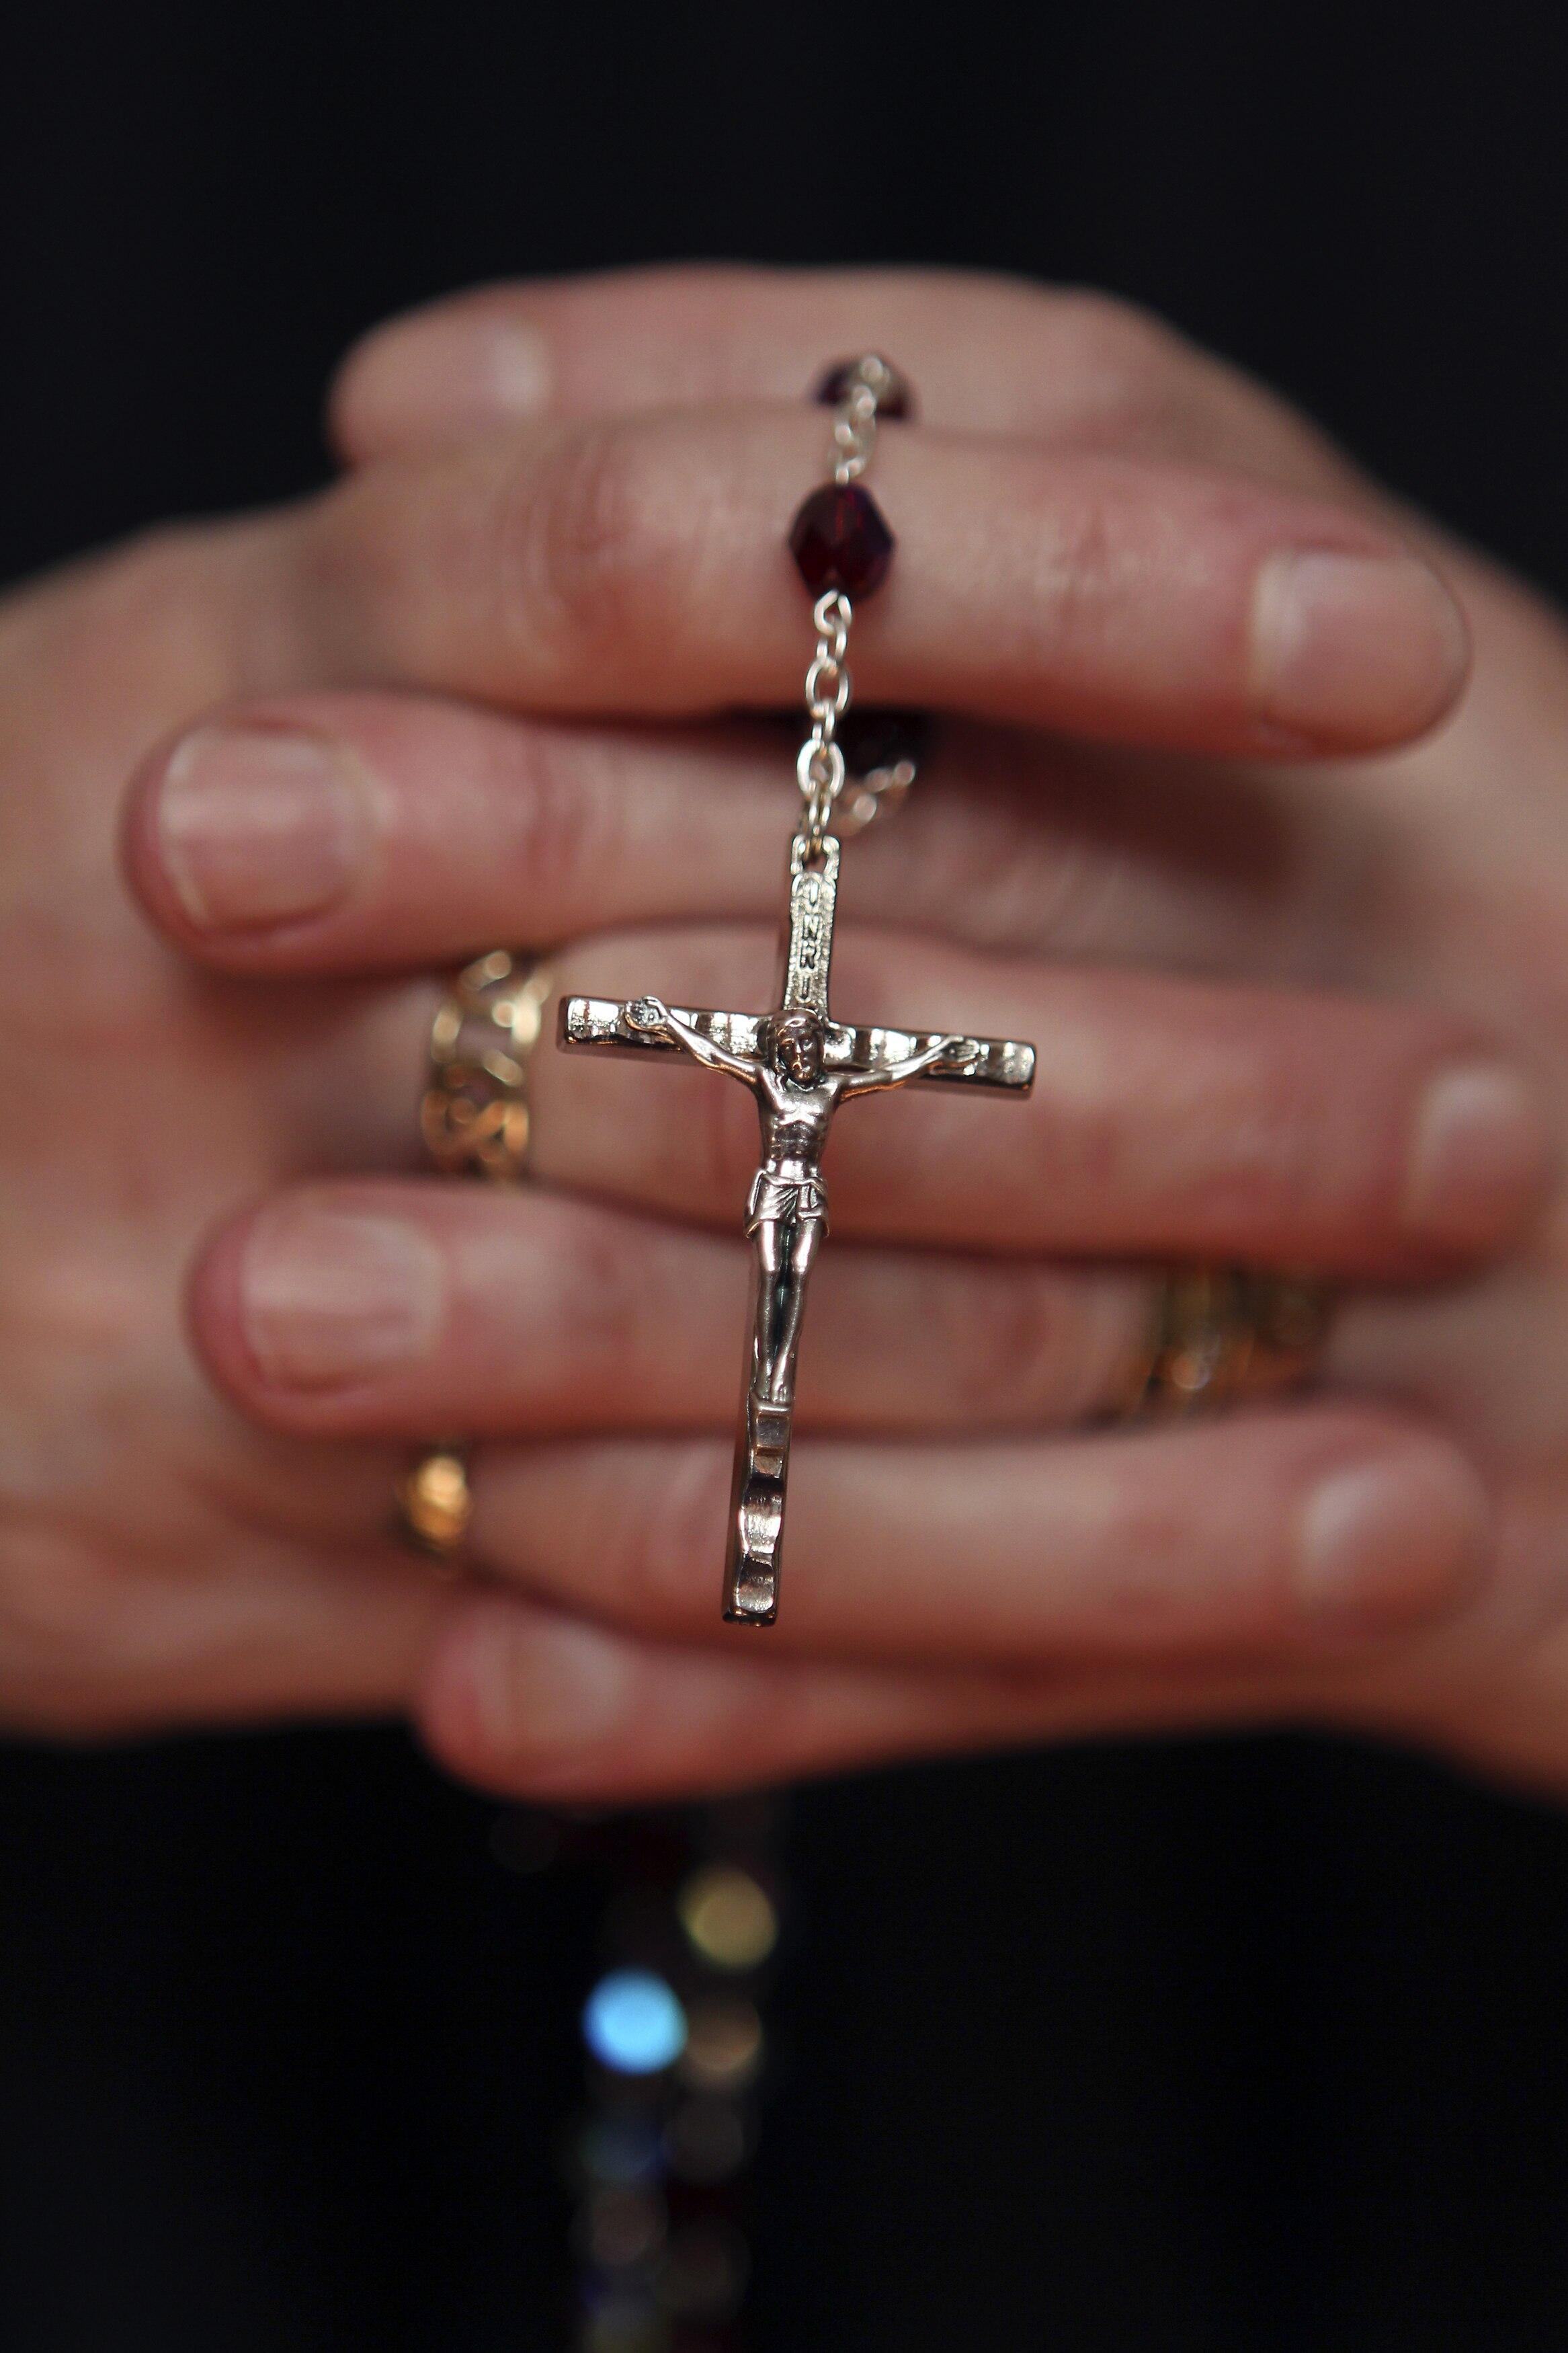 Giáo hội Ai Len bị chỉ trích đã che giấu các trường hợp lạm dụng tình dục trẻ em - REUTERS /Cathal McNaughton